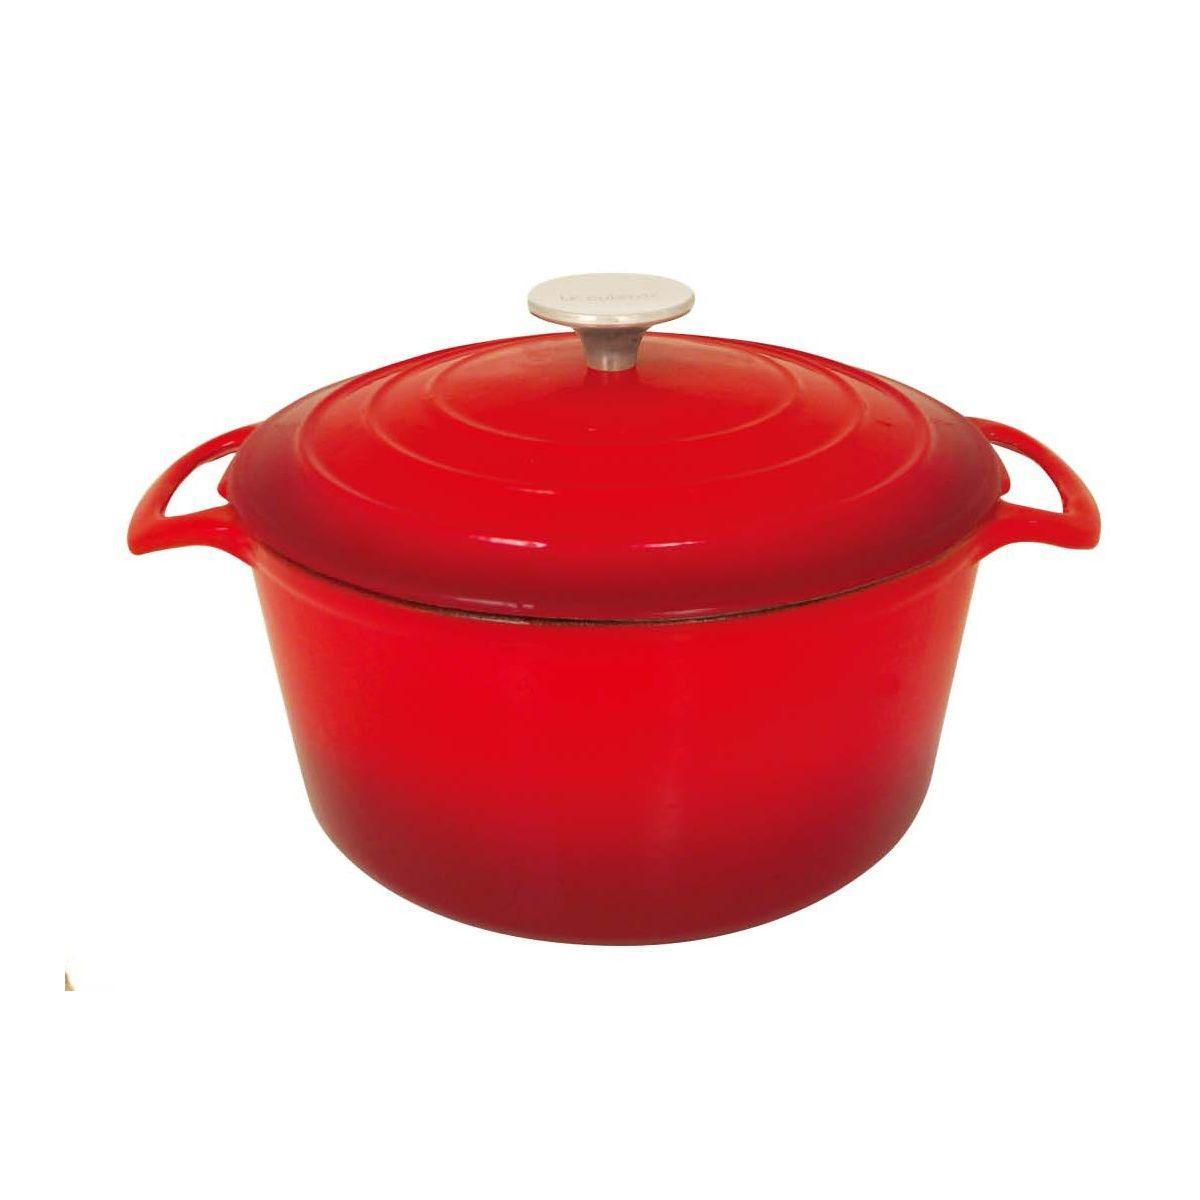 Cocotte ronde table & cook fonte rouge diam 28 cm - 2% de remise imm�diate avec le code